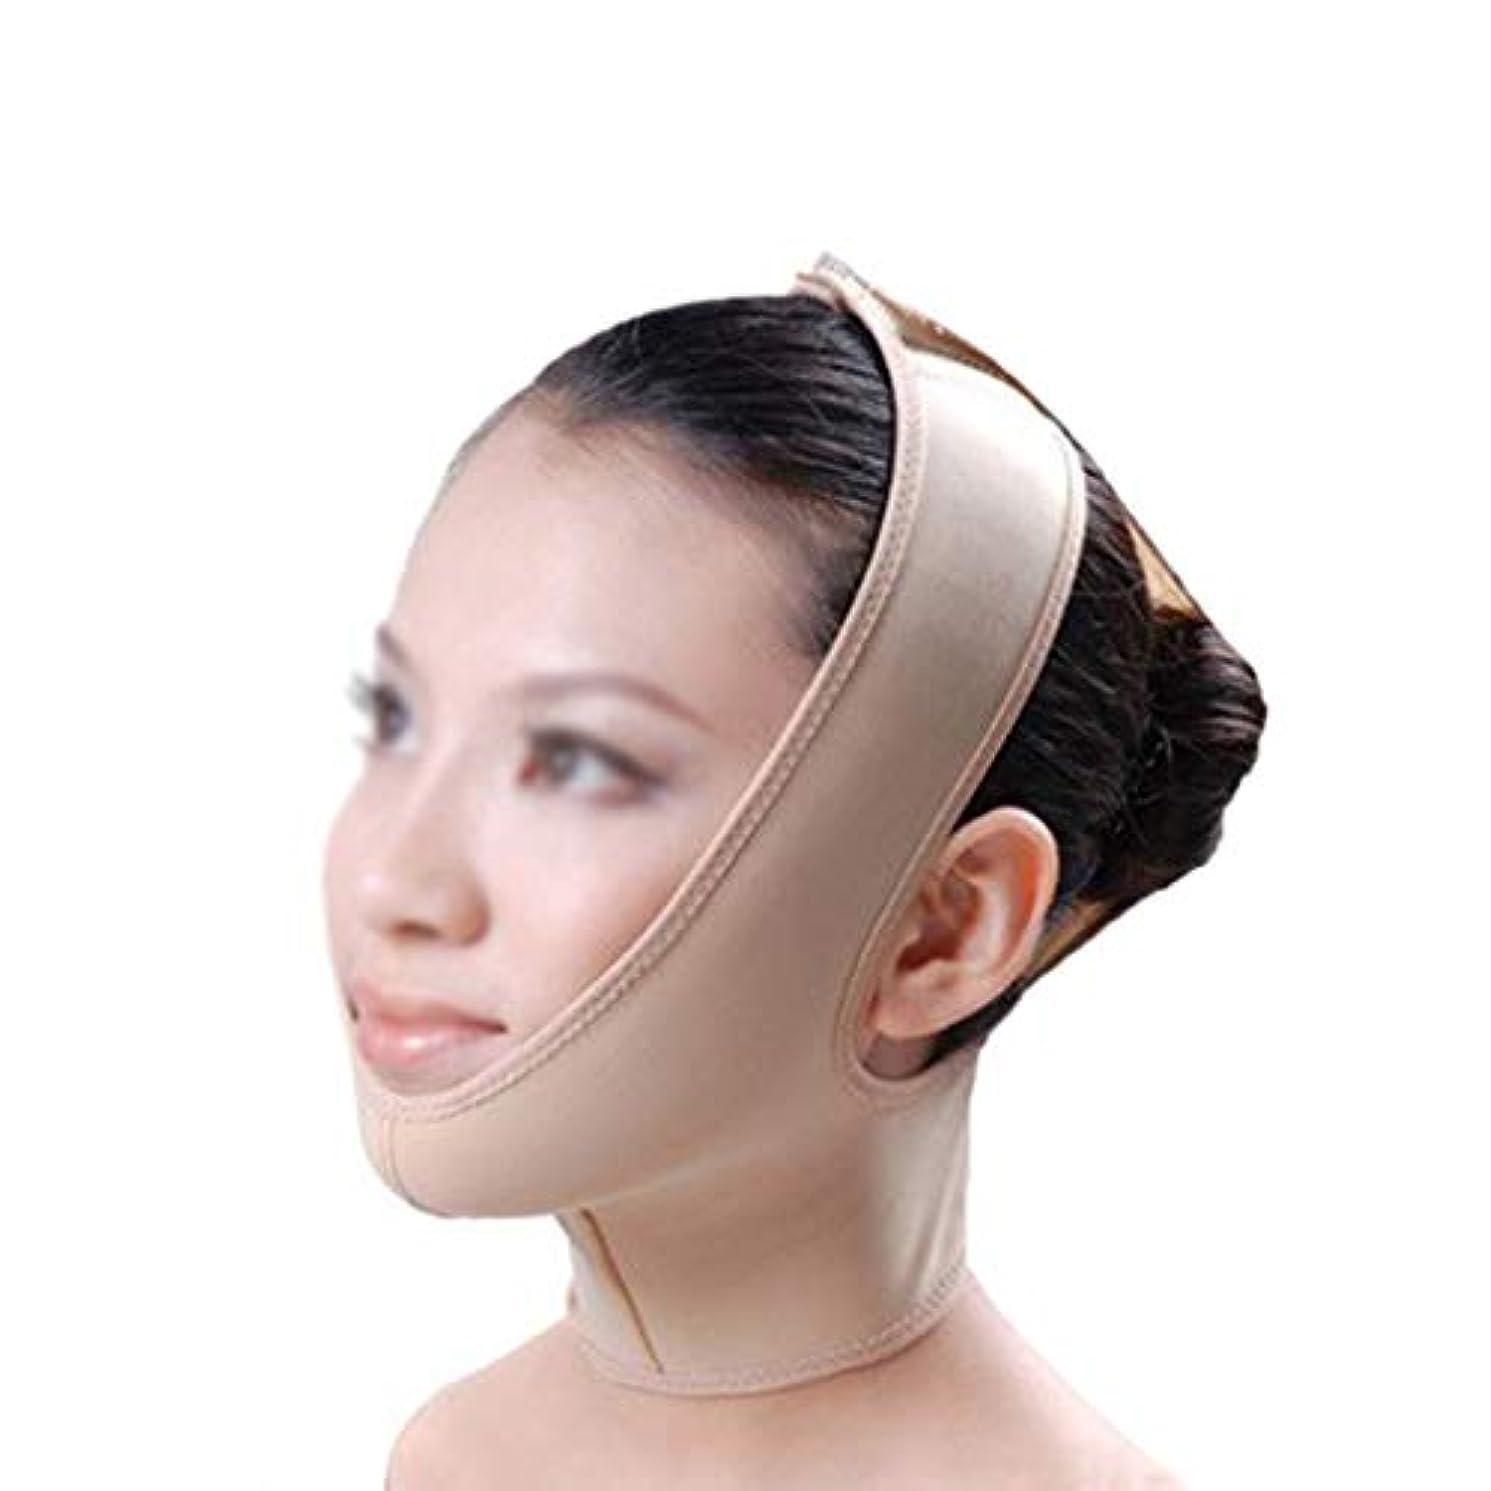 チャンピオンシップ残り接続詞ダブルチンストラップ、包帯リフト、引き締めフェイシャルリフト、フェイシャル減量マスク、リフティングスキン包帯,男性と女性の両方が使用できます (Size : M)